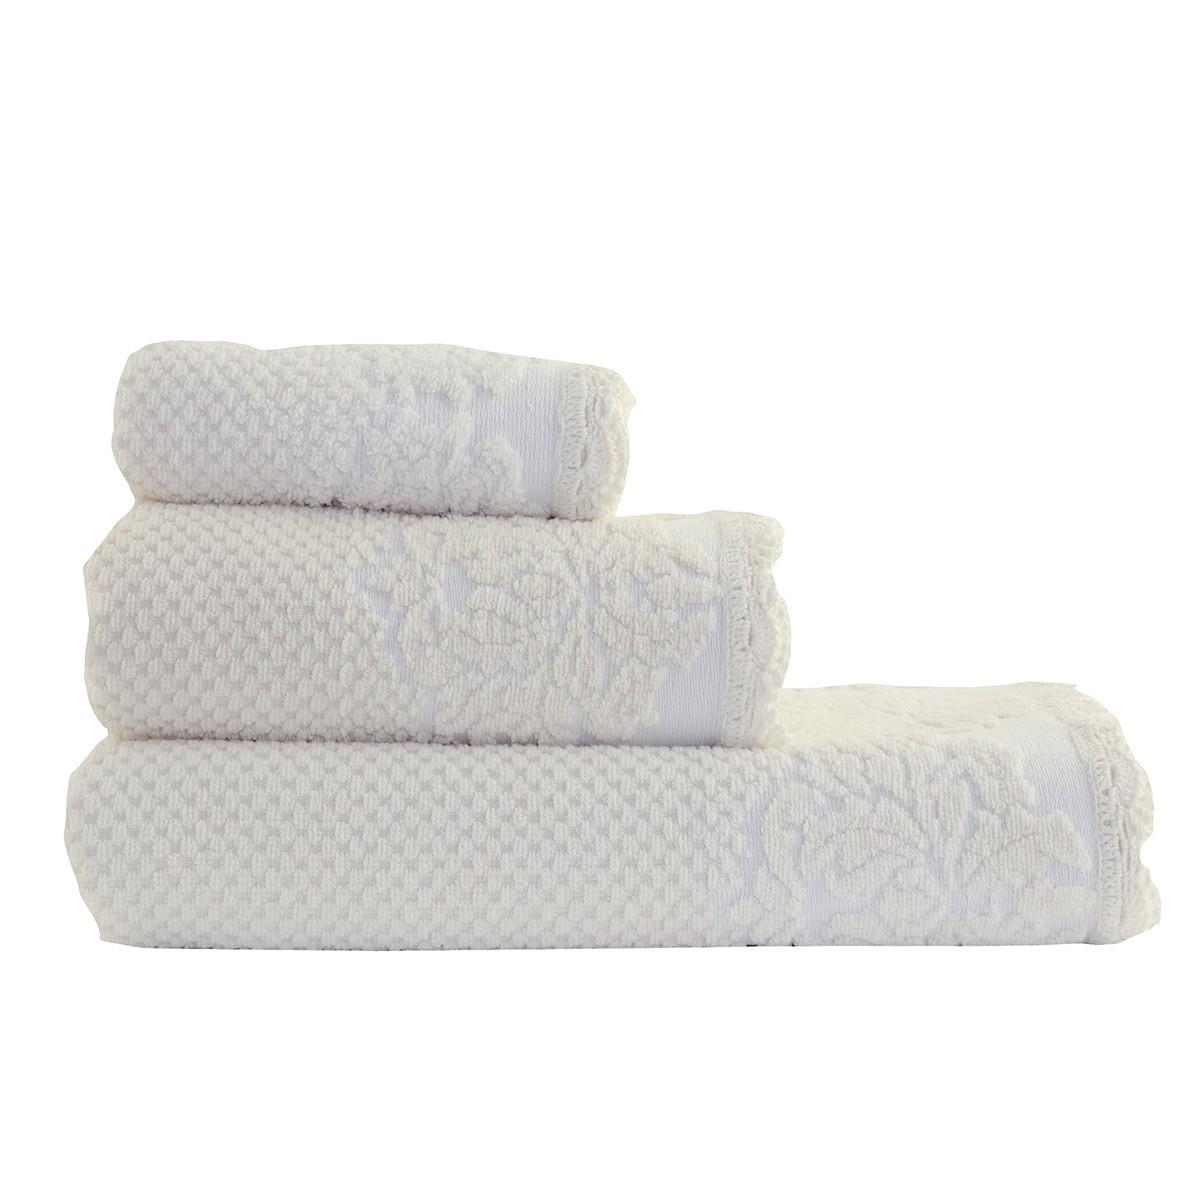 Πετσέτες Μπάνιου (Σετ 3τμχ) Nef-Nef Elie